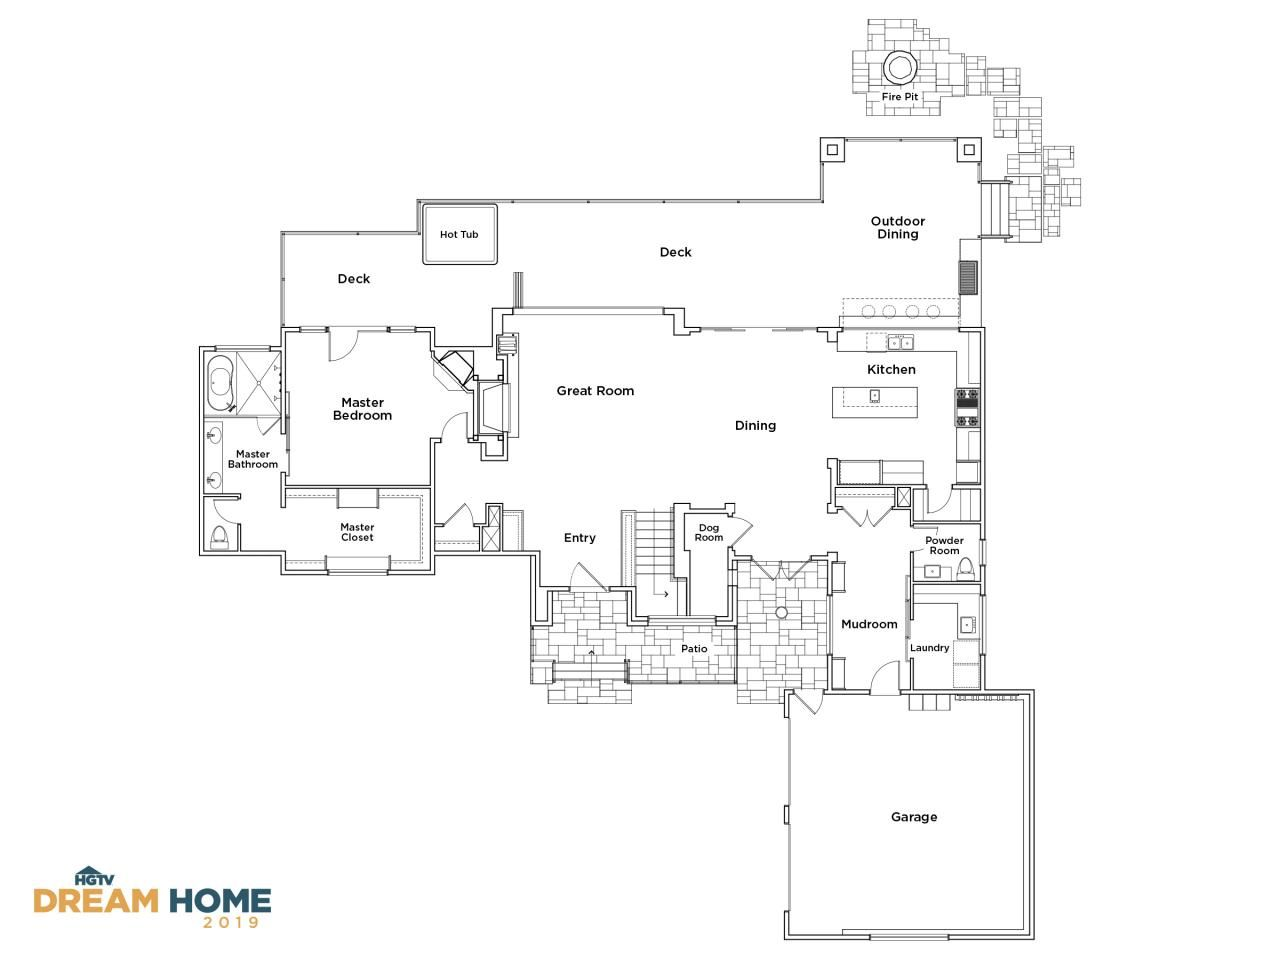 Discover The Floor Plan For Hgtv Dream Home 2019 Hgtv